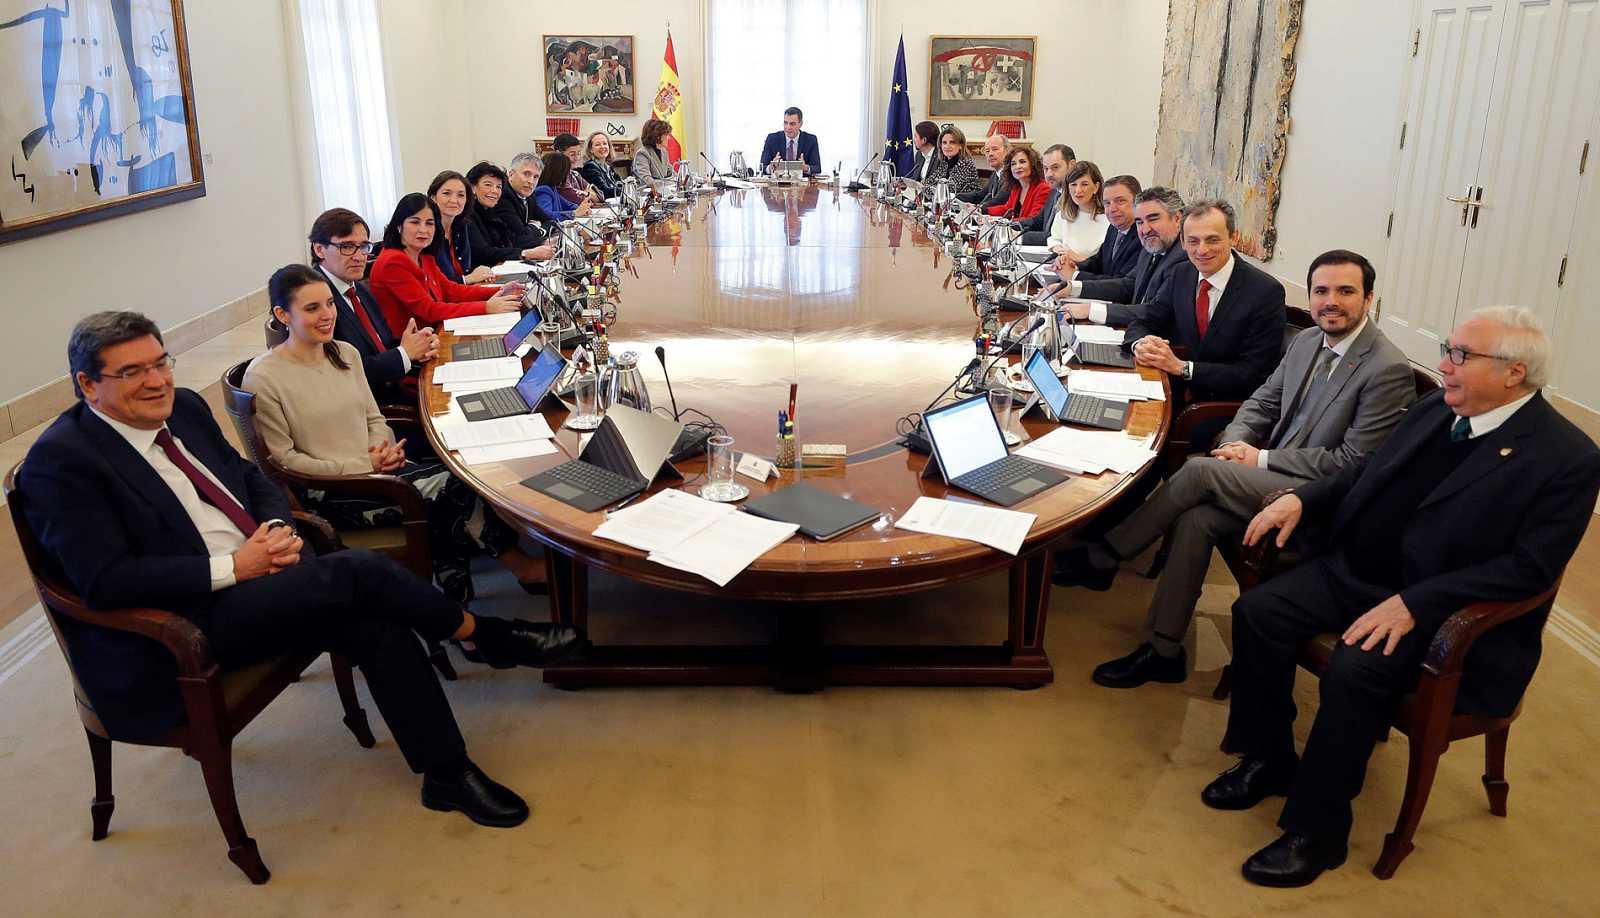 Primera reunión del Consejo de Ministros del gobierno | RTVE.es